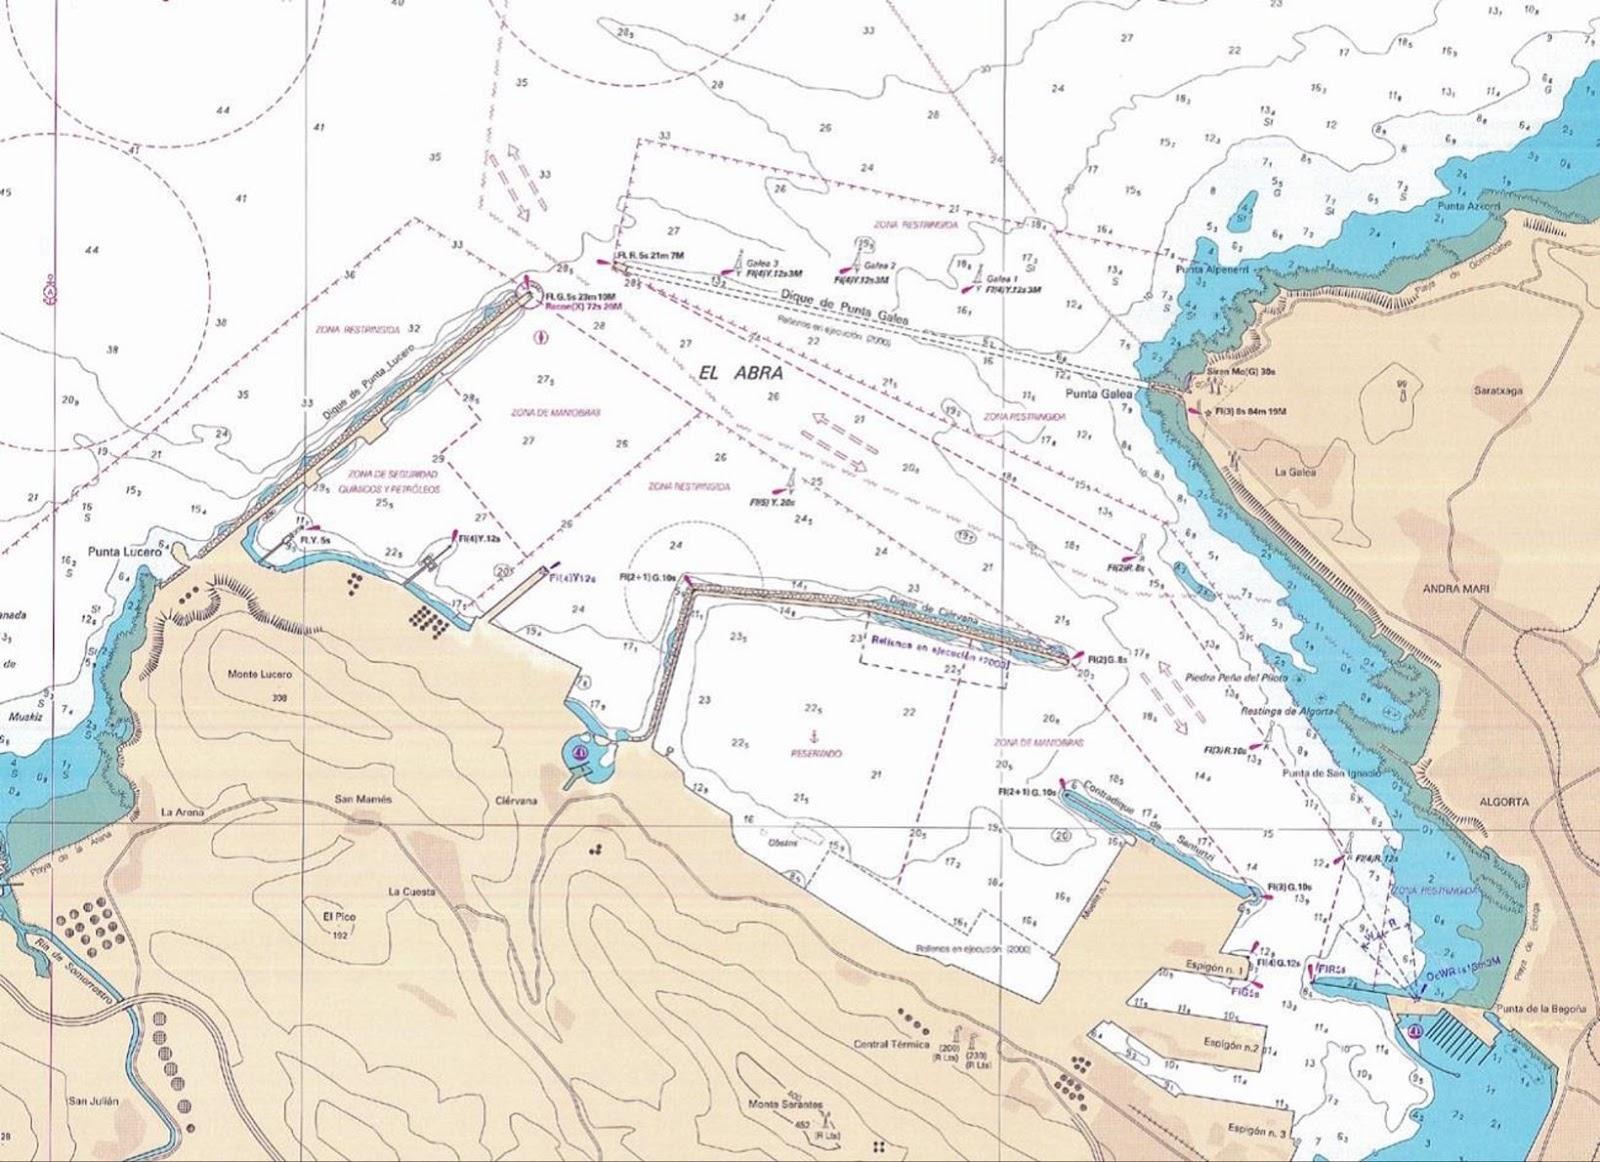 mapa punta galea